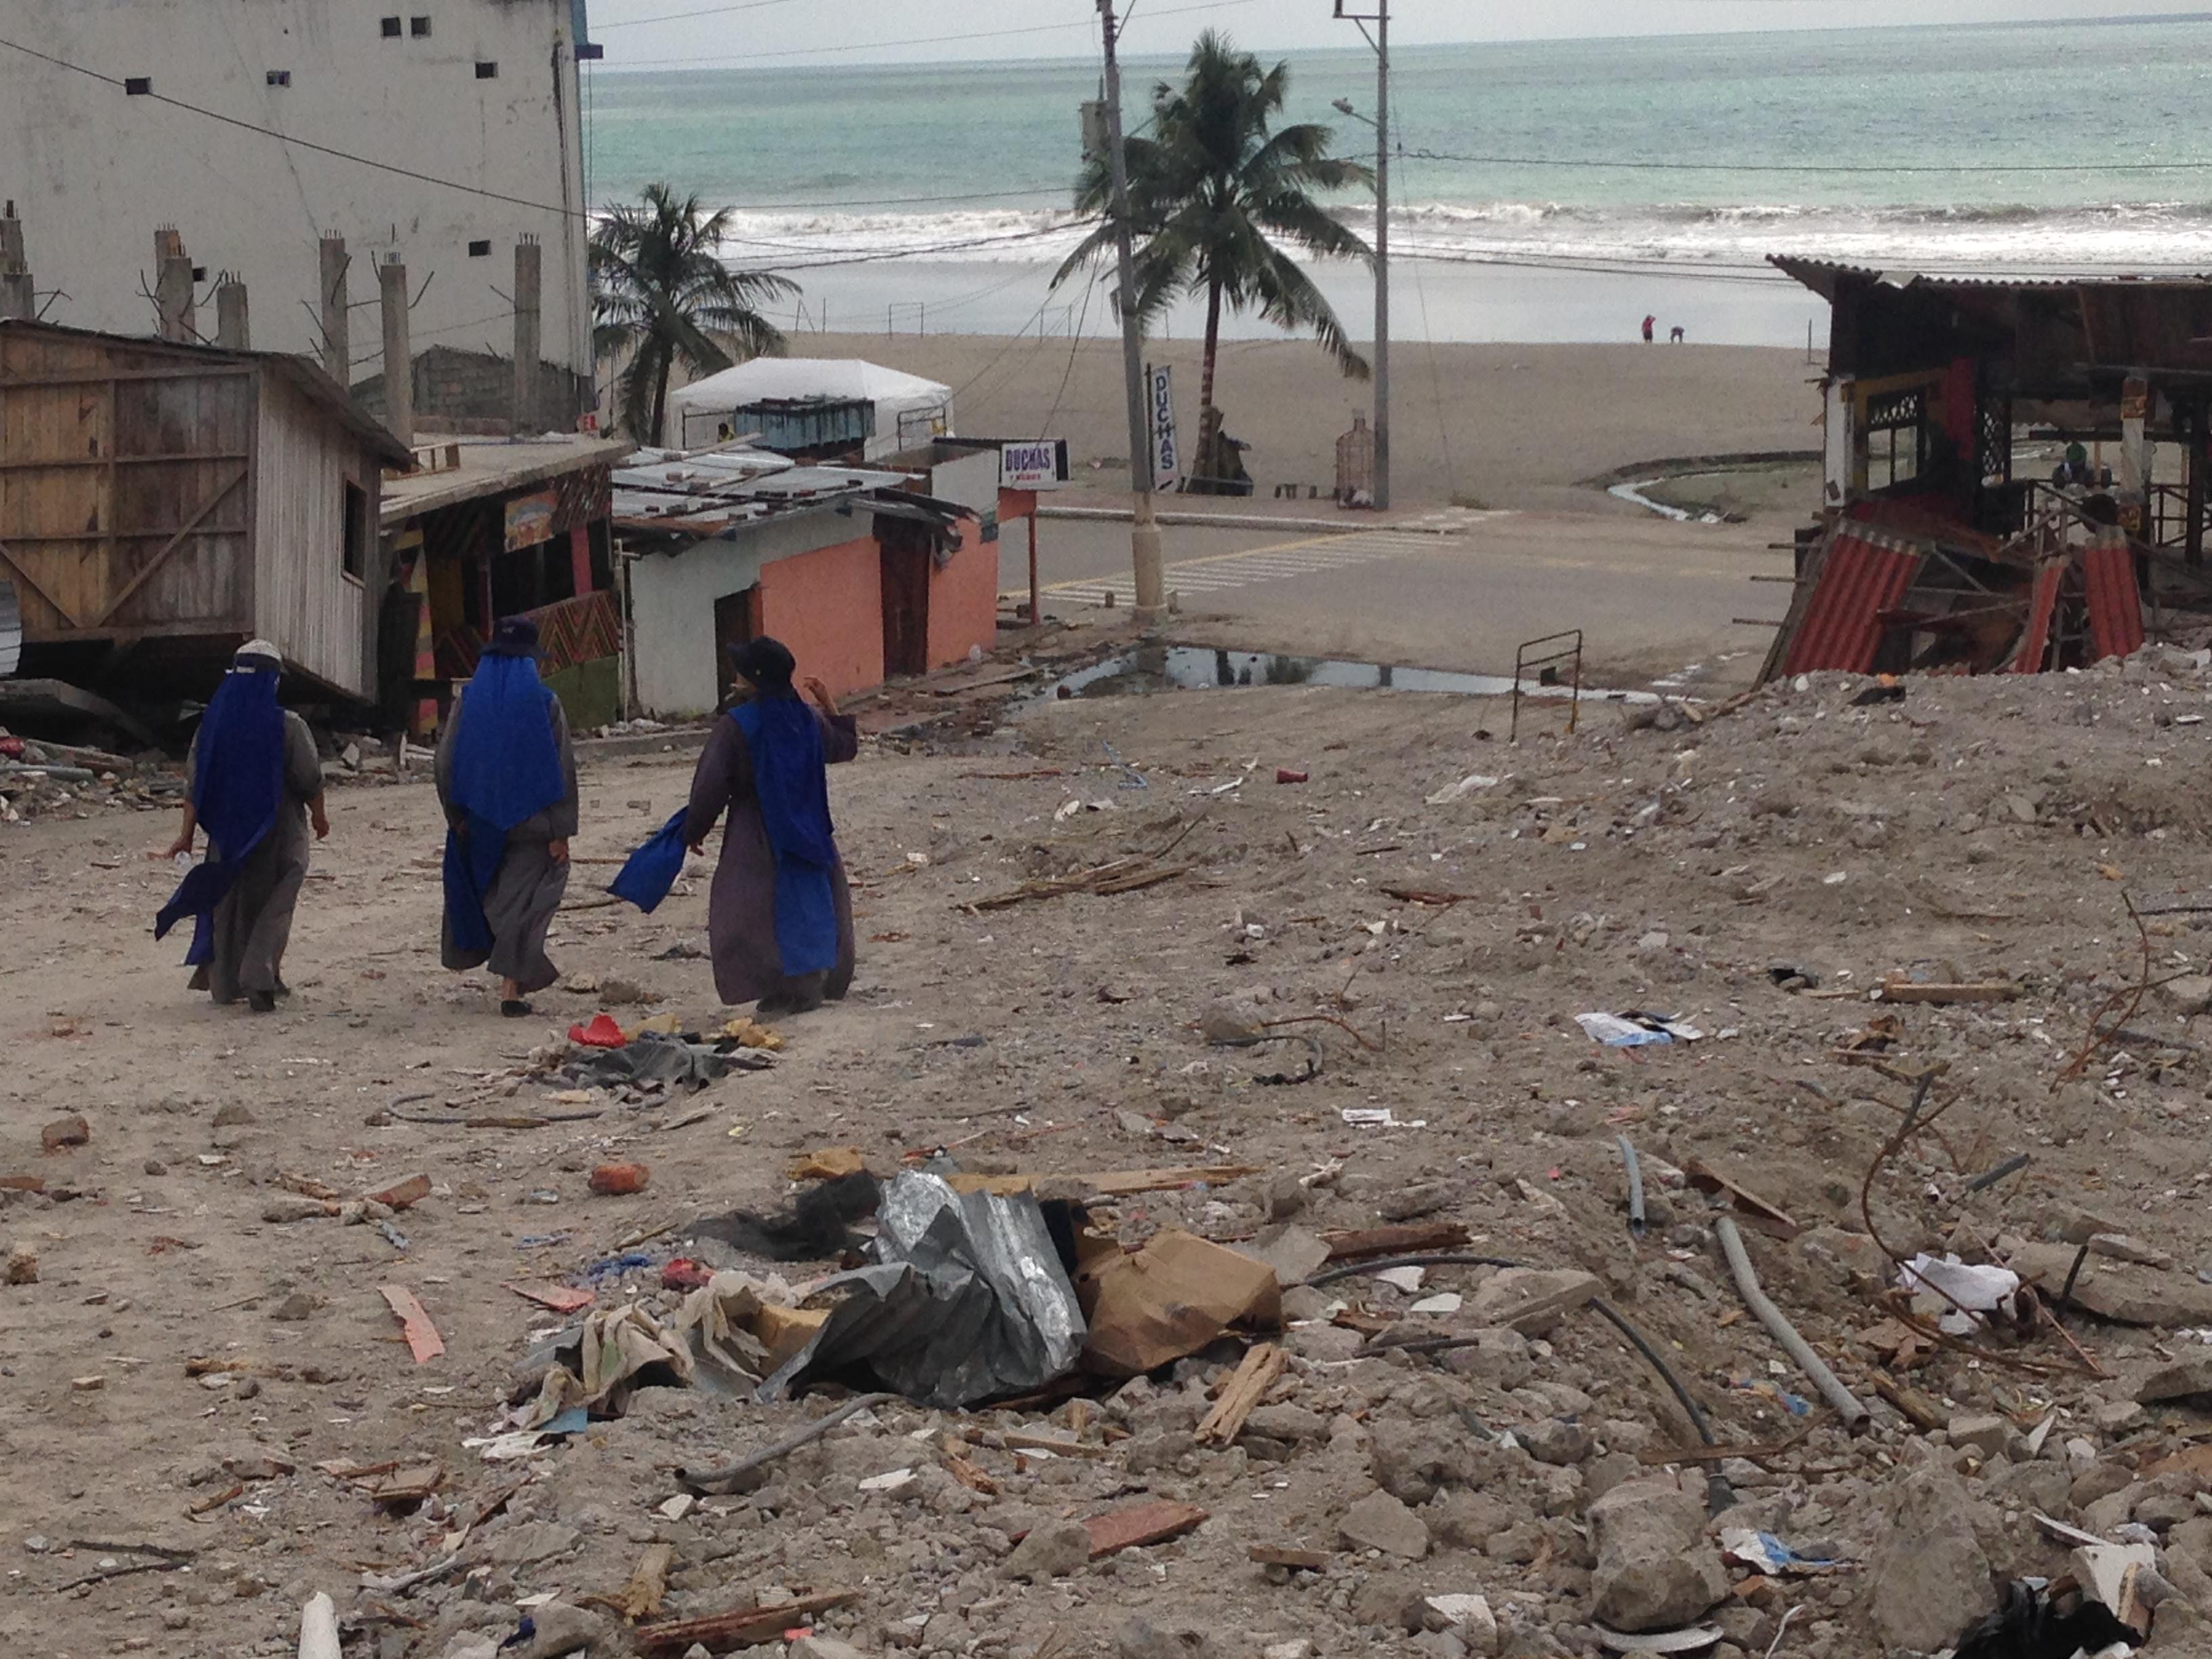 ayuda-a-damnificados-en-el-terremoto-de-ecuador (5)